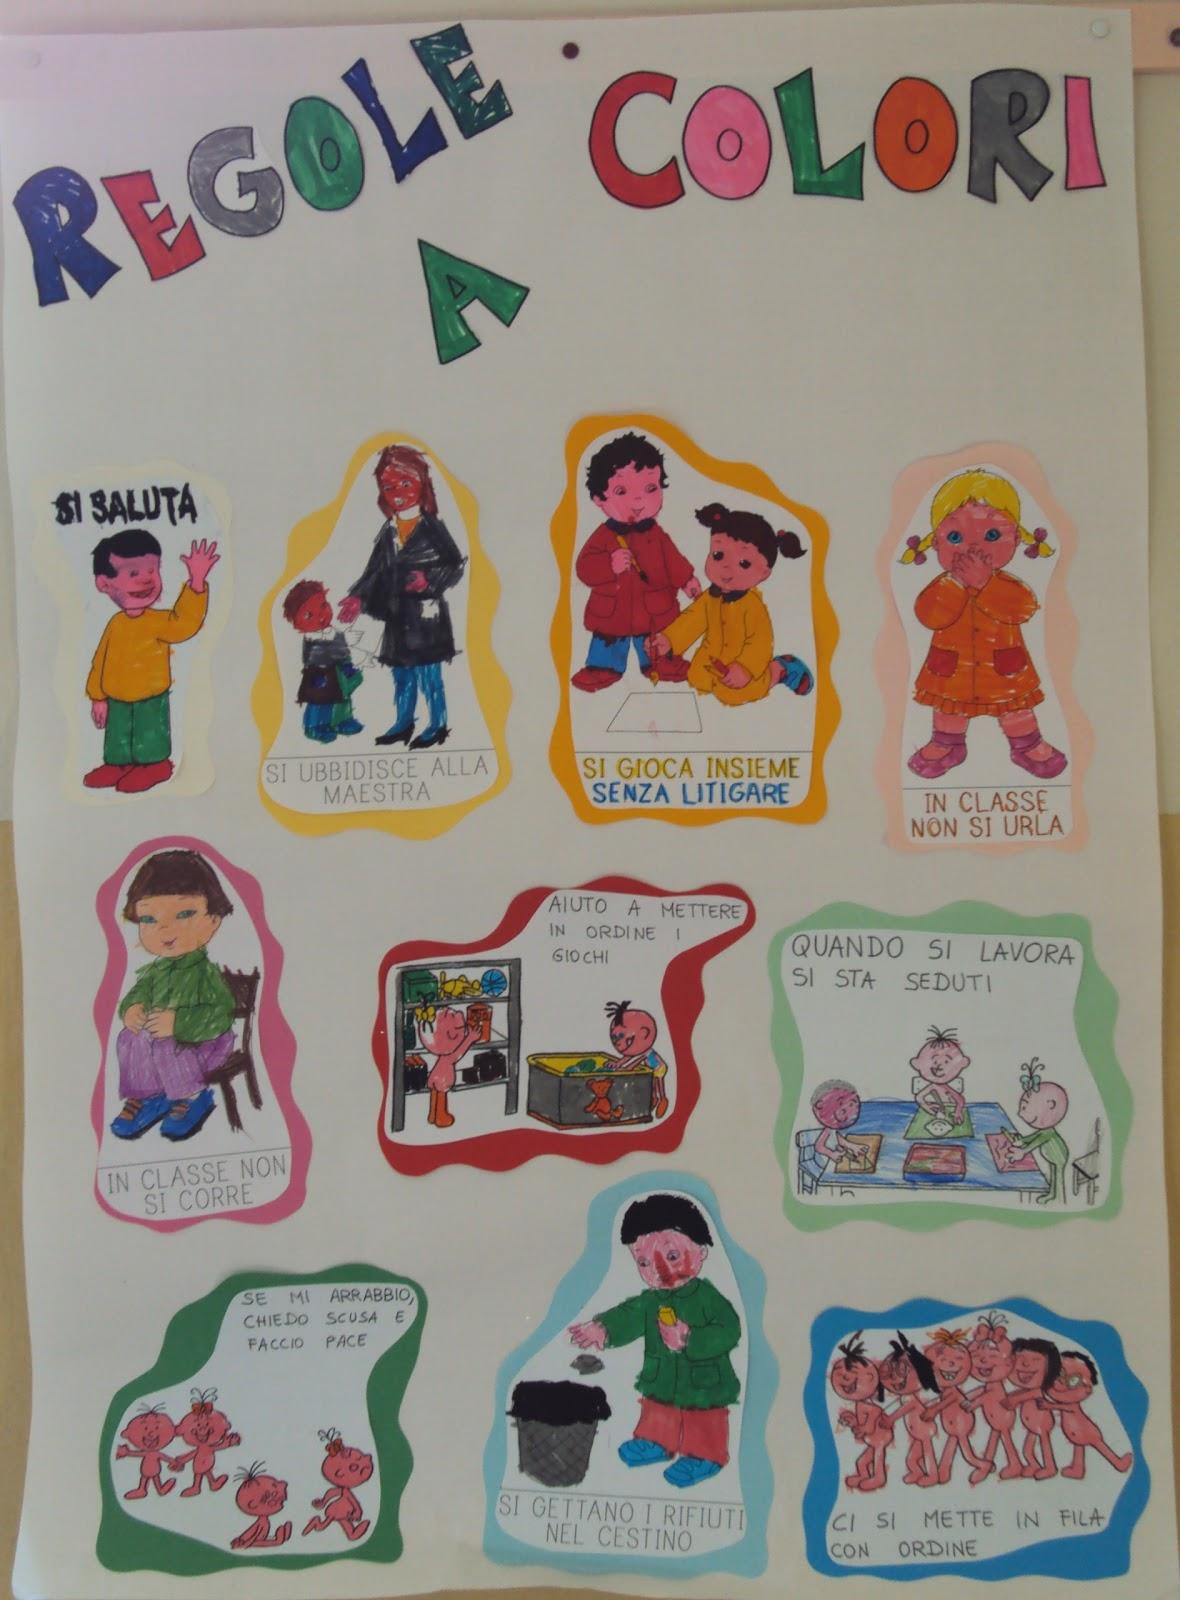 Tirami gi marzo 2011 for Idee per cartelloni scuola infanzia